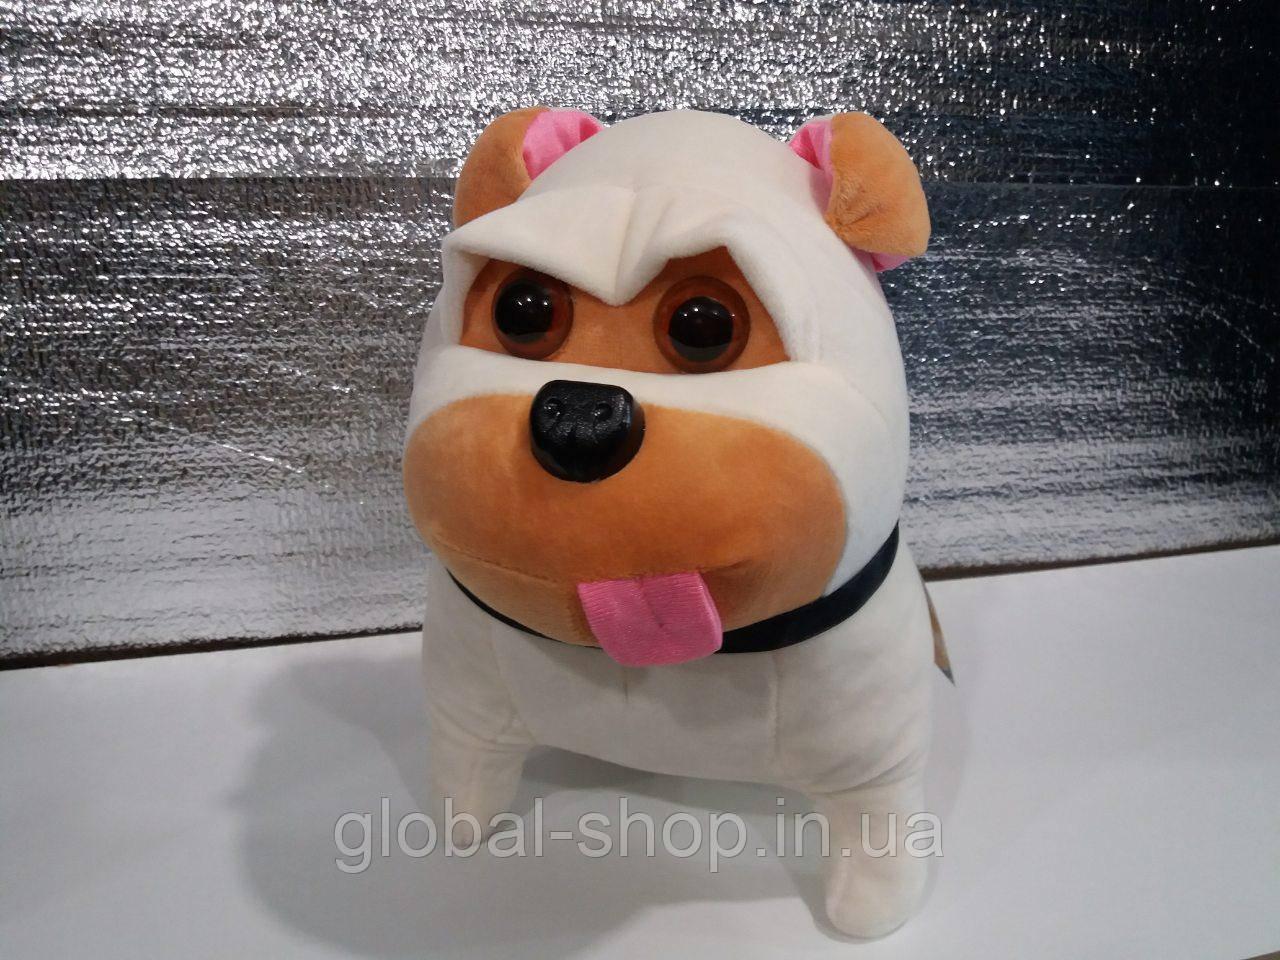 Мягкая игрушка Мопс Мэл 30 см . Жизнь домашних животных